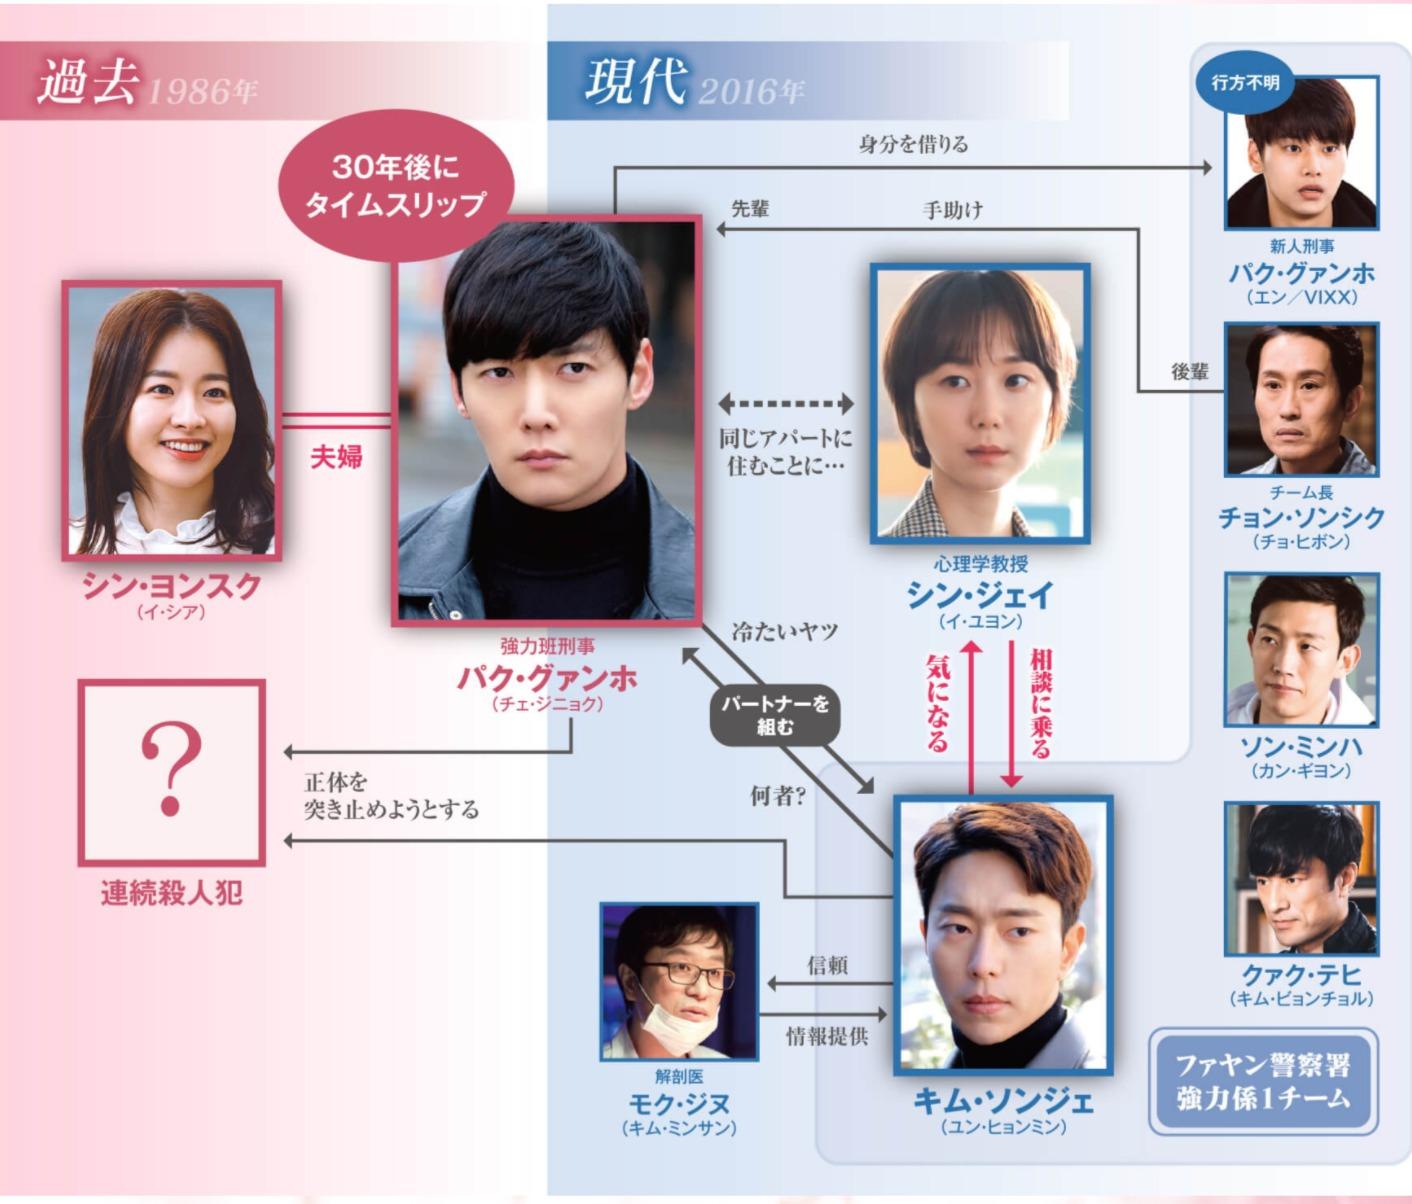 韓国ドラマ『愛の迷宮~トンネル~』登場人物相関図(関係図)